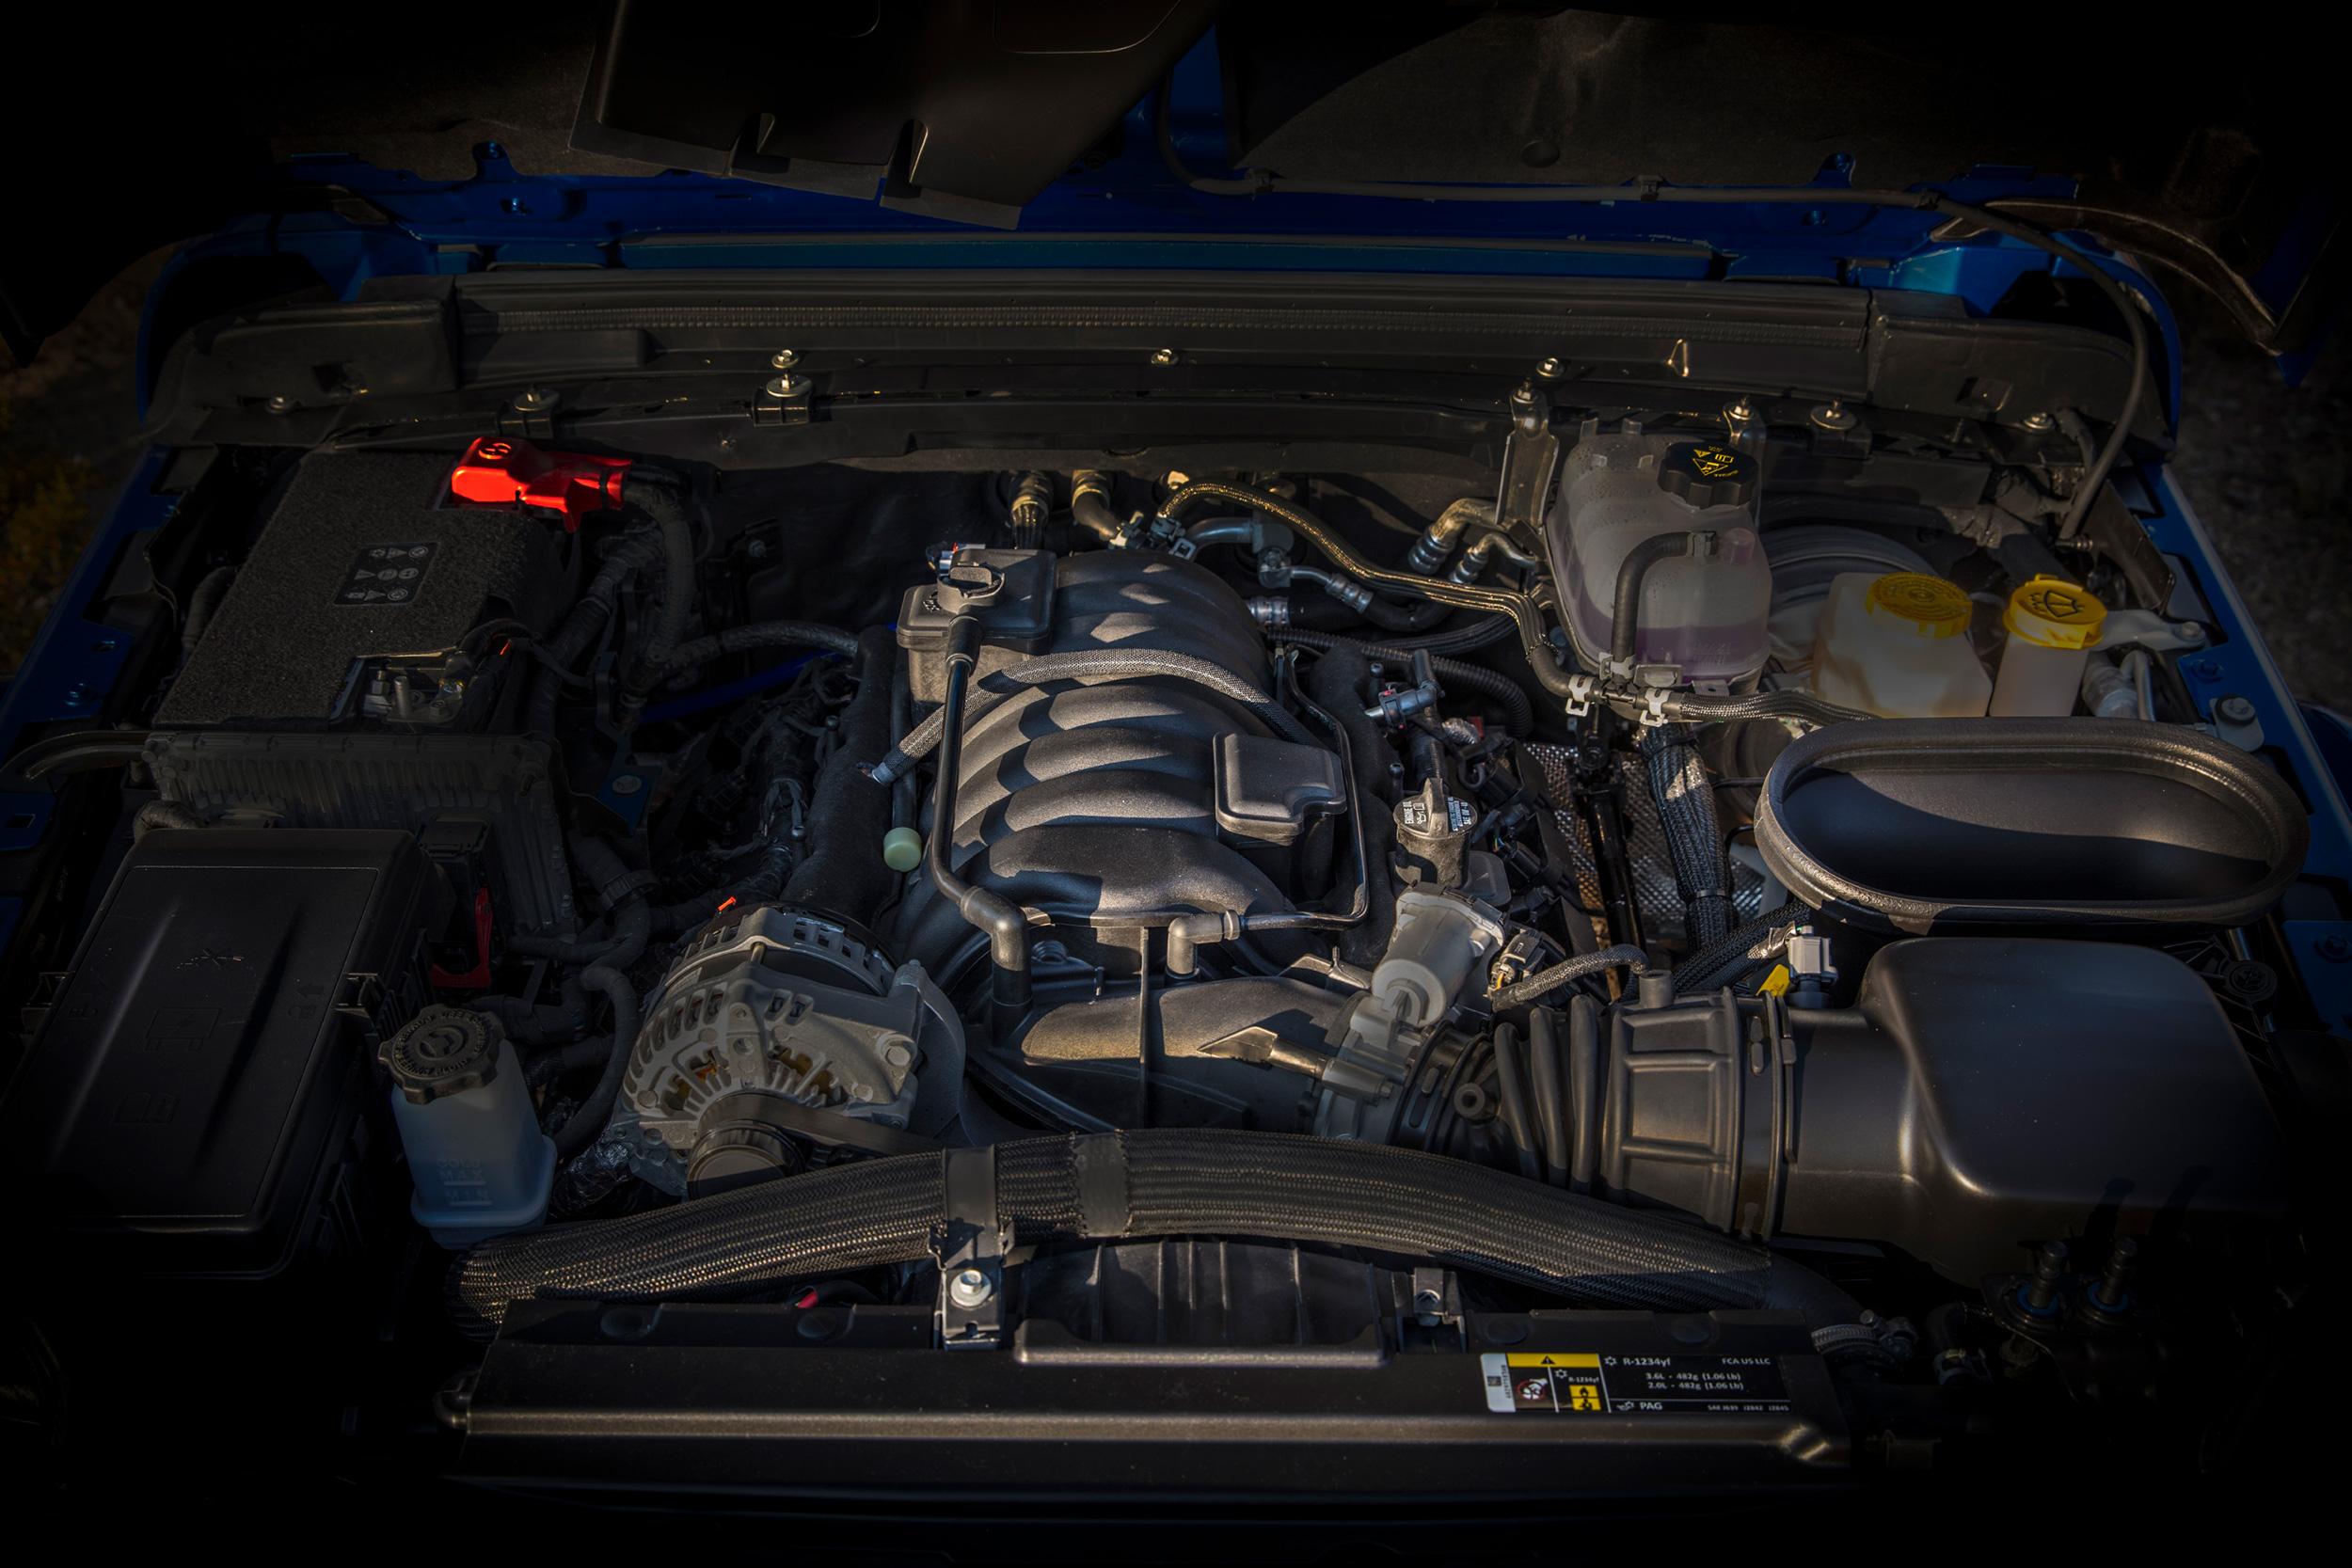 6.4L V8 Jeep Wrangler